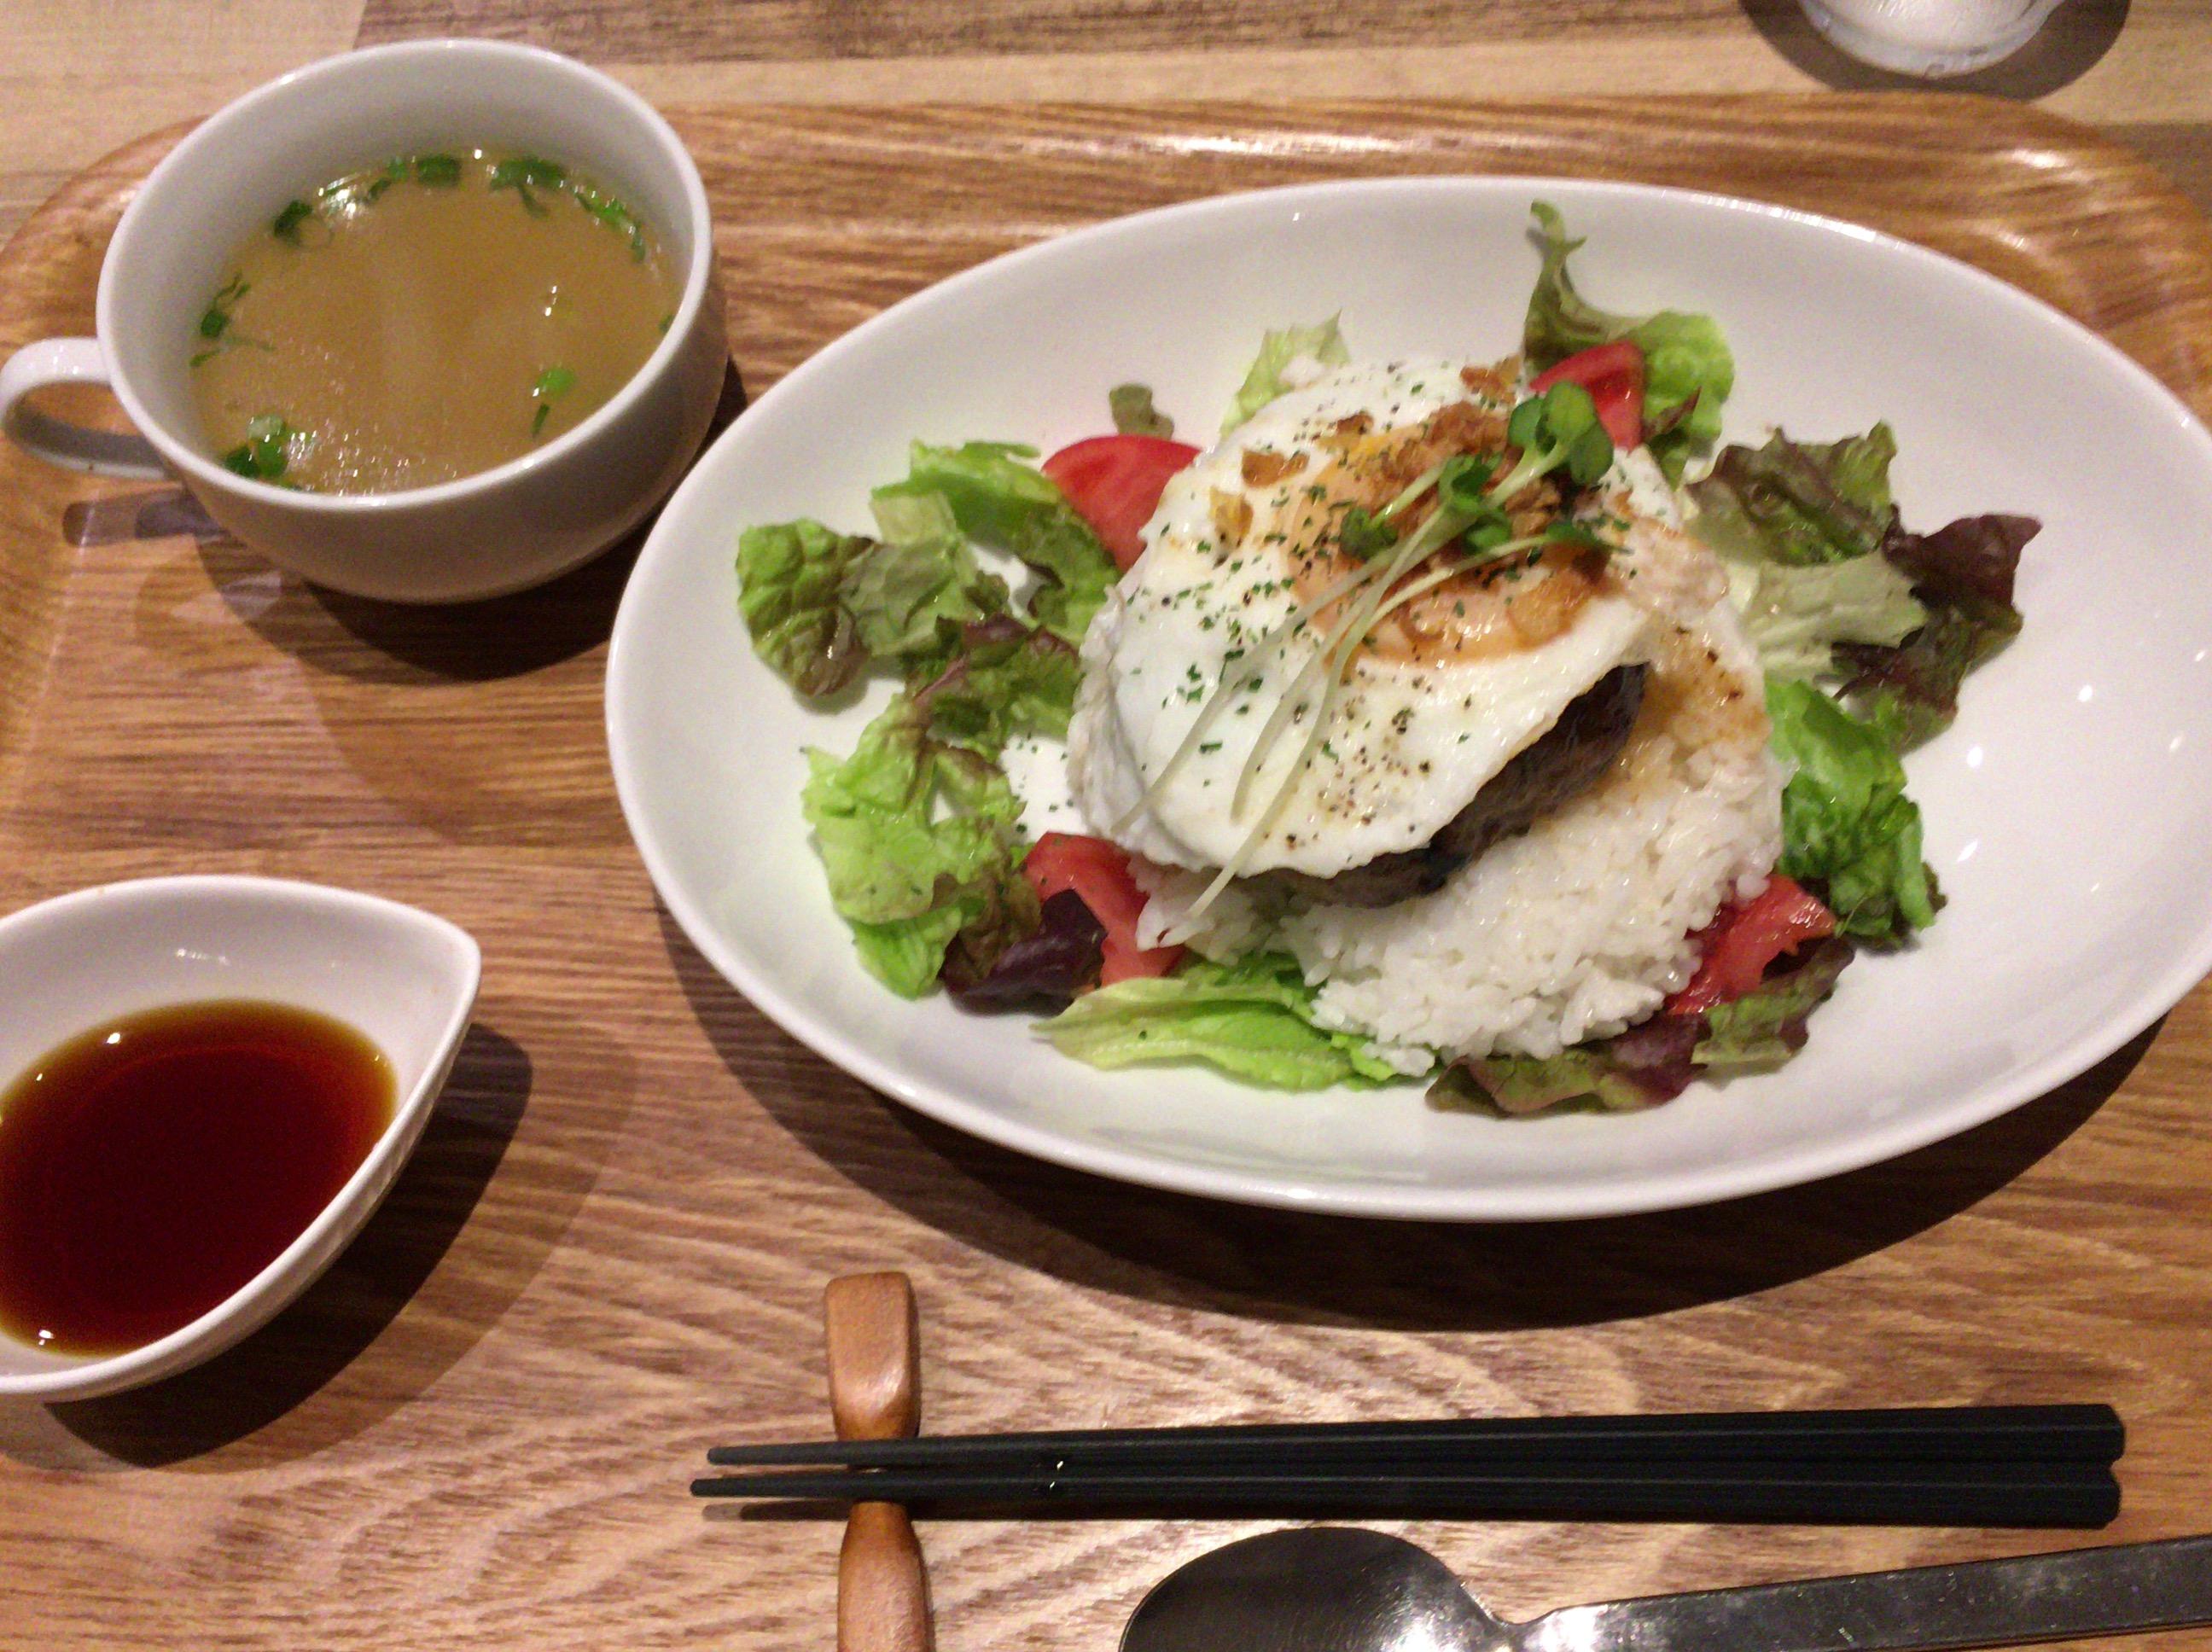 おしゃれな若者必見!西条市にある「HOKULANI cafe」(ホクラニカフェ)で「ロコモコ」を食べてきました!